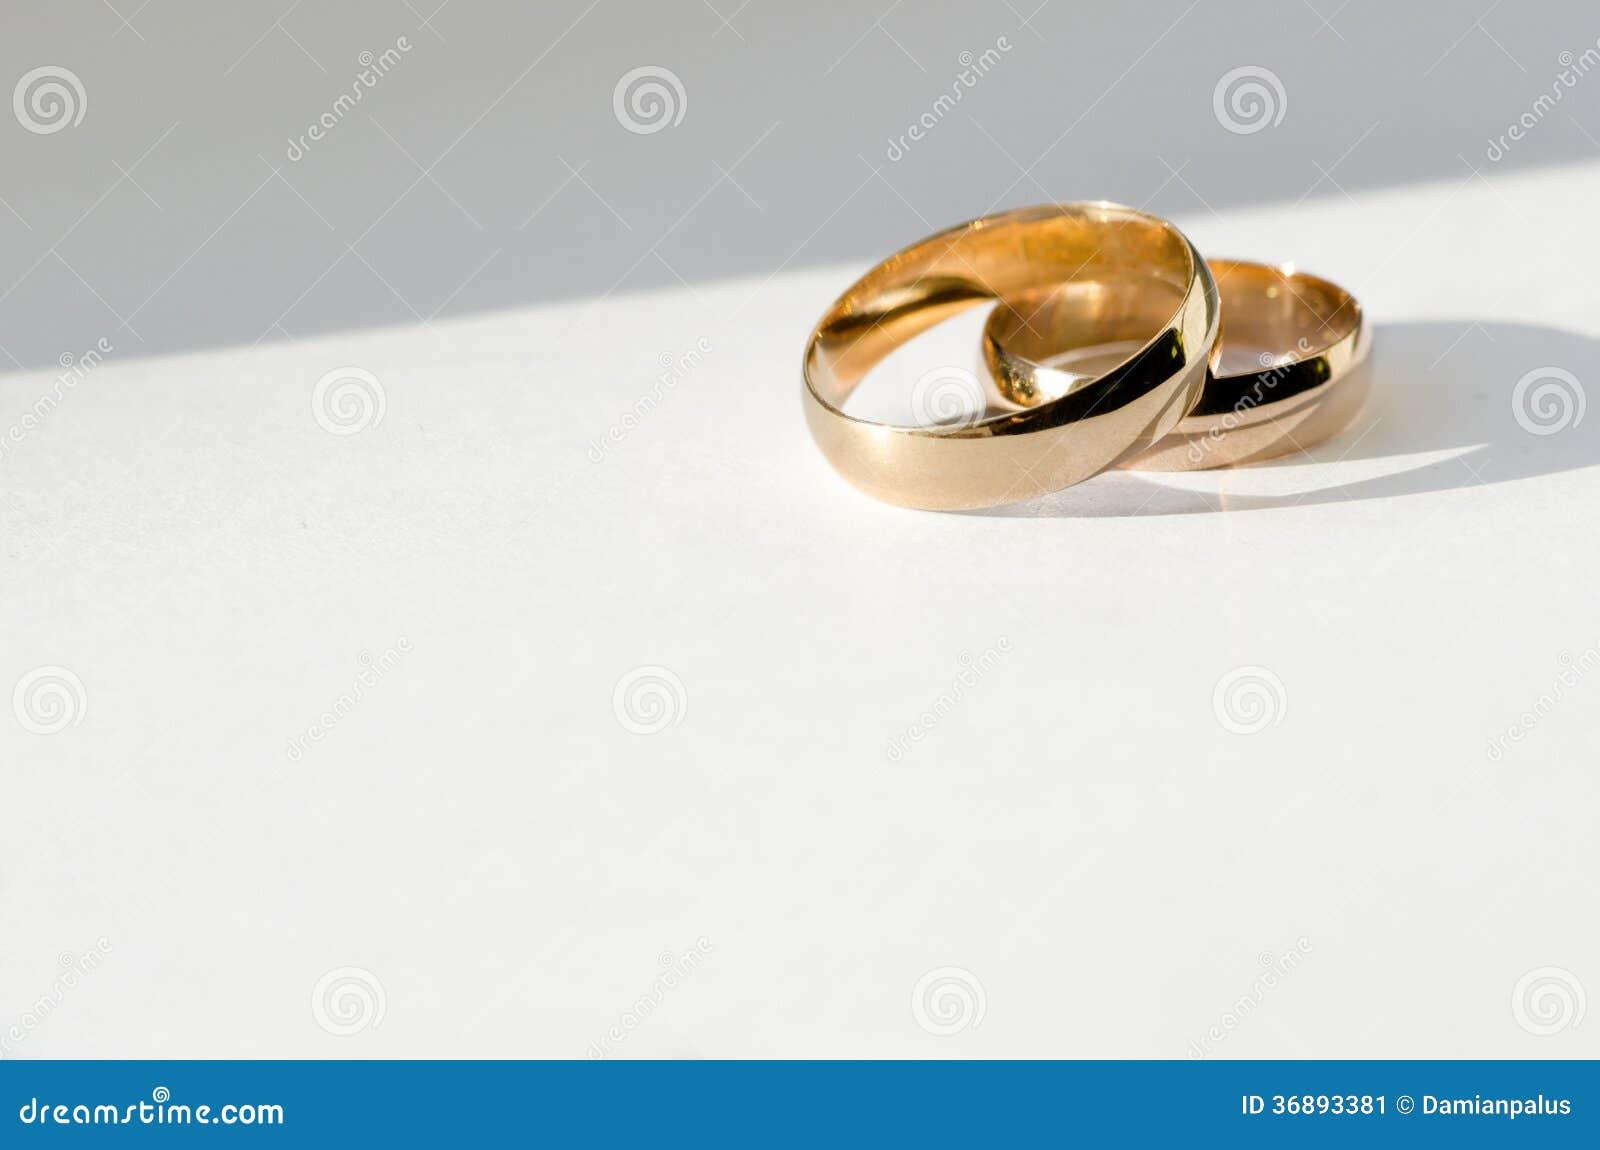 Download Fedi nuziali dorate immagine stock. Immagine di aggancio - 36893381